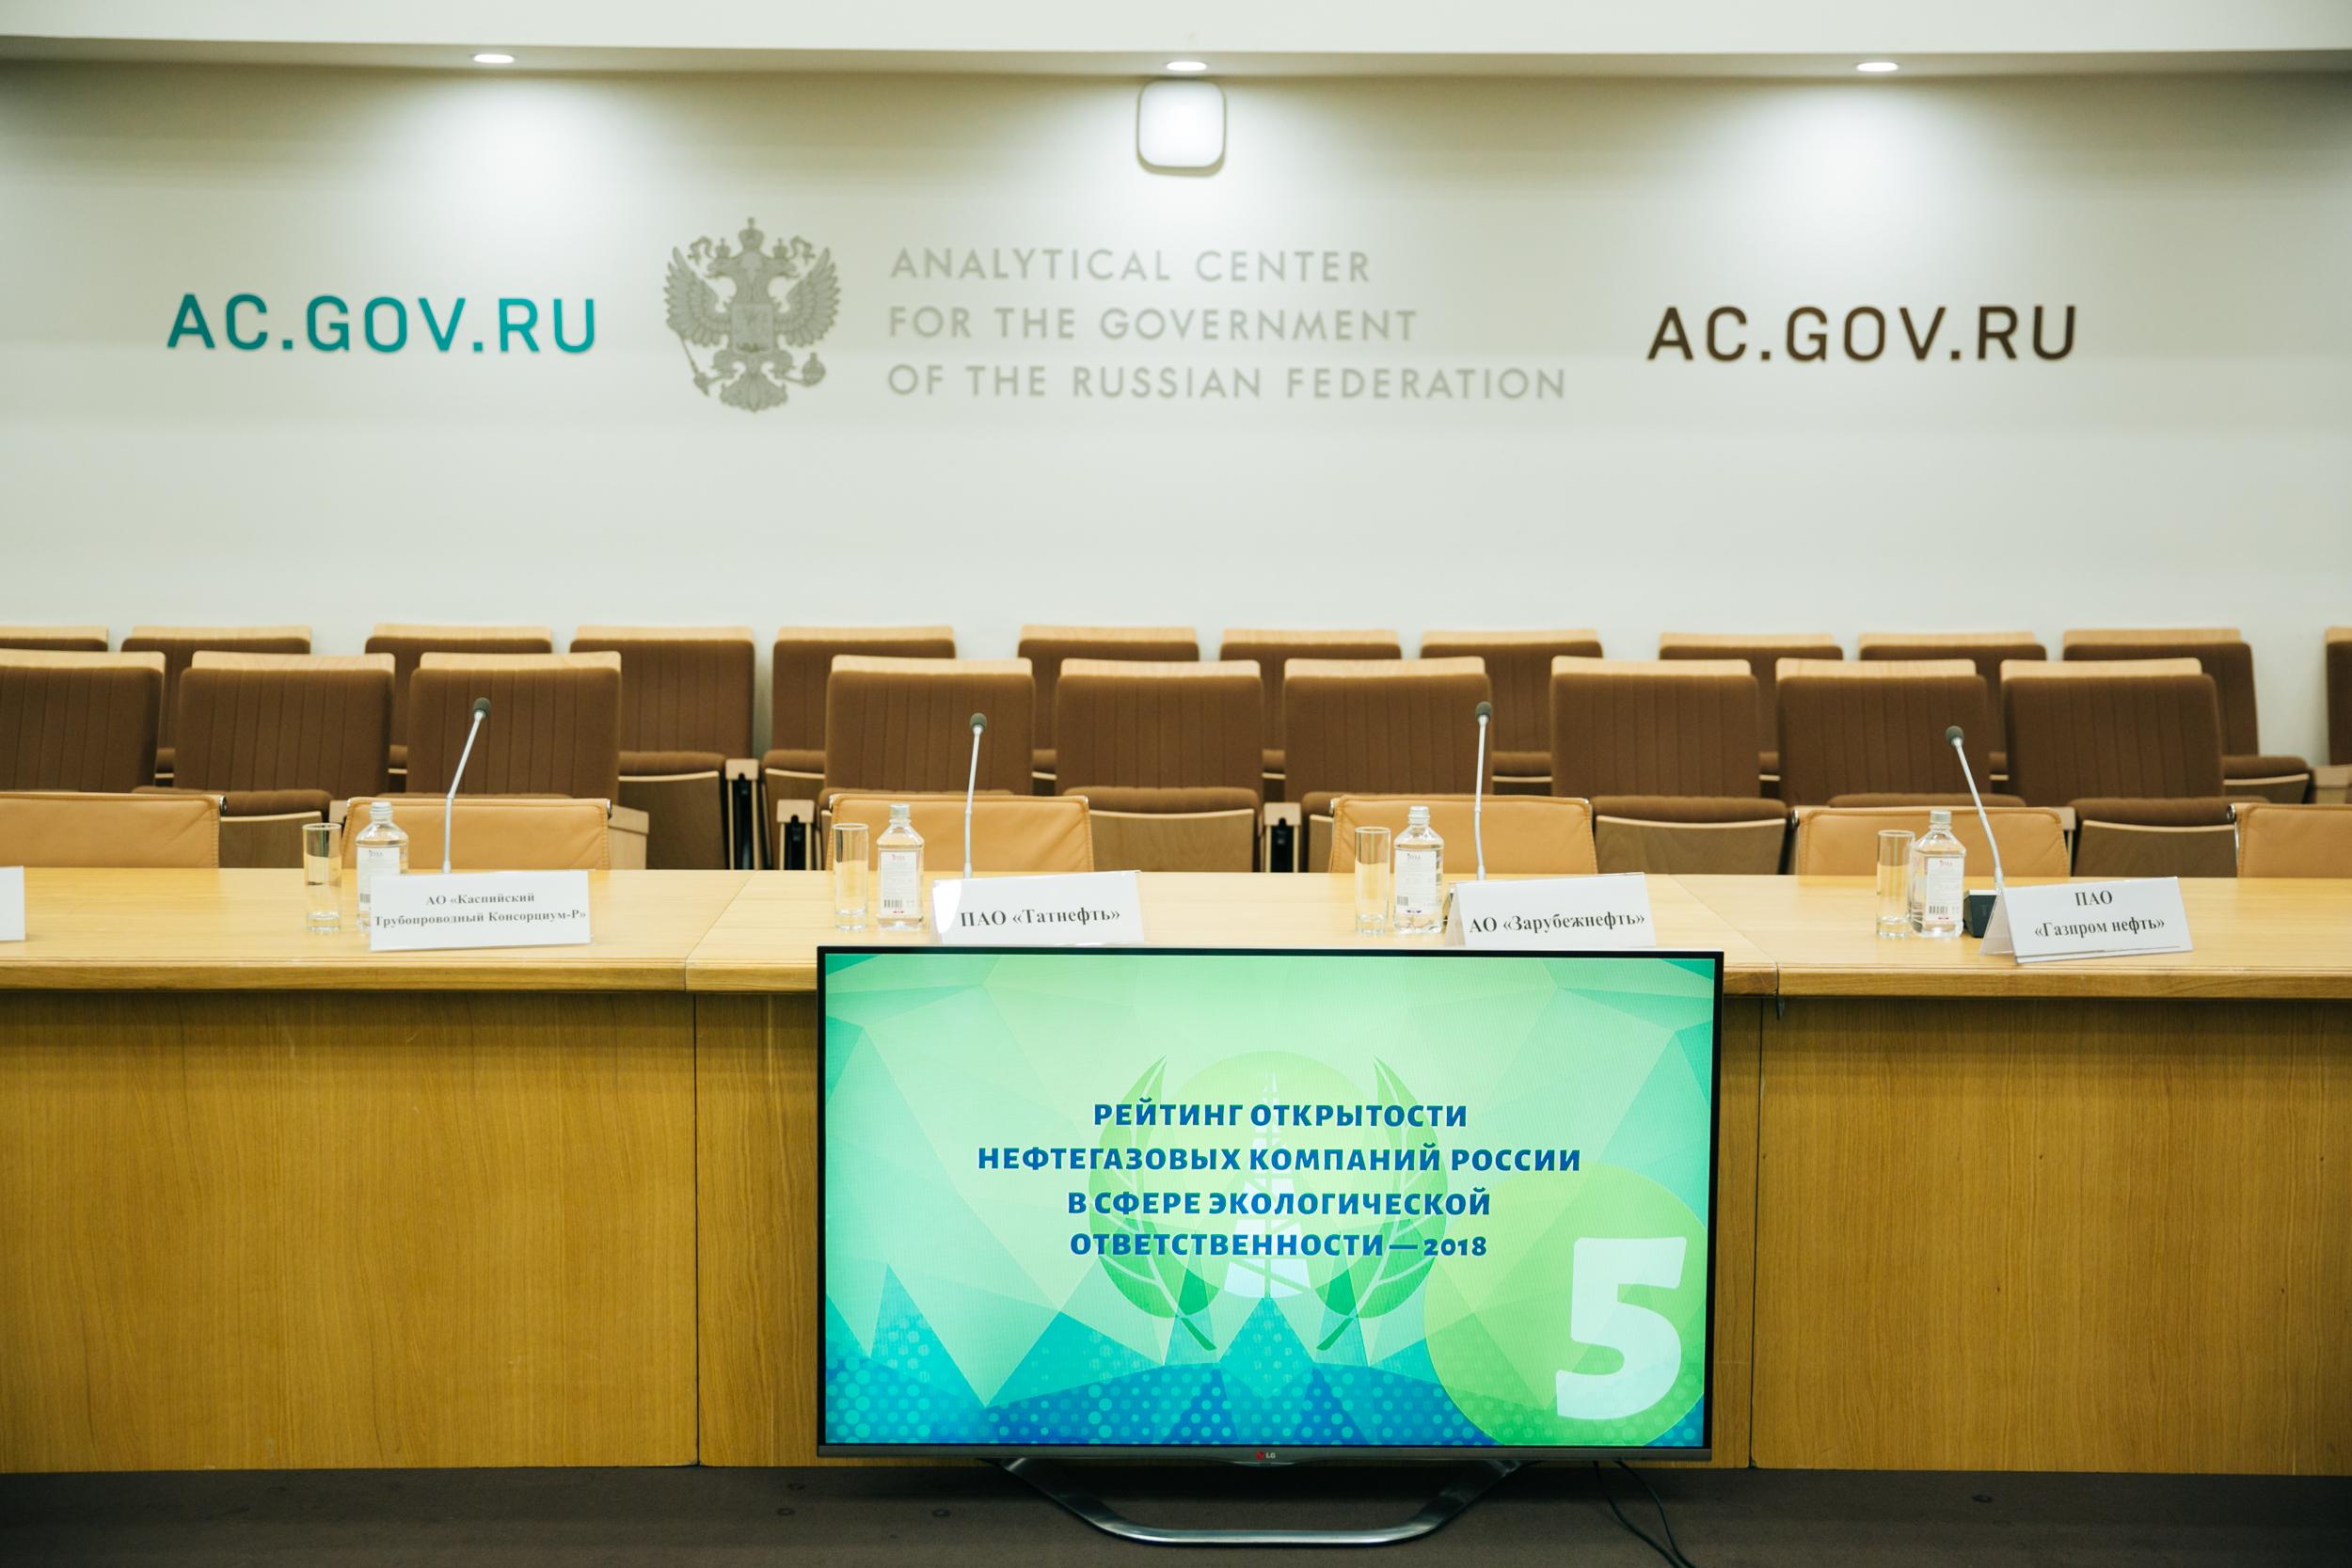 Оценки последствий мирового перехода к низкоуглеродному развитию для РФ усложняются